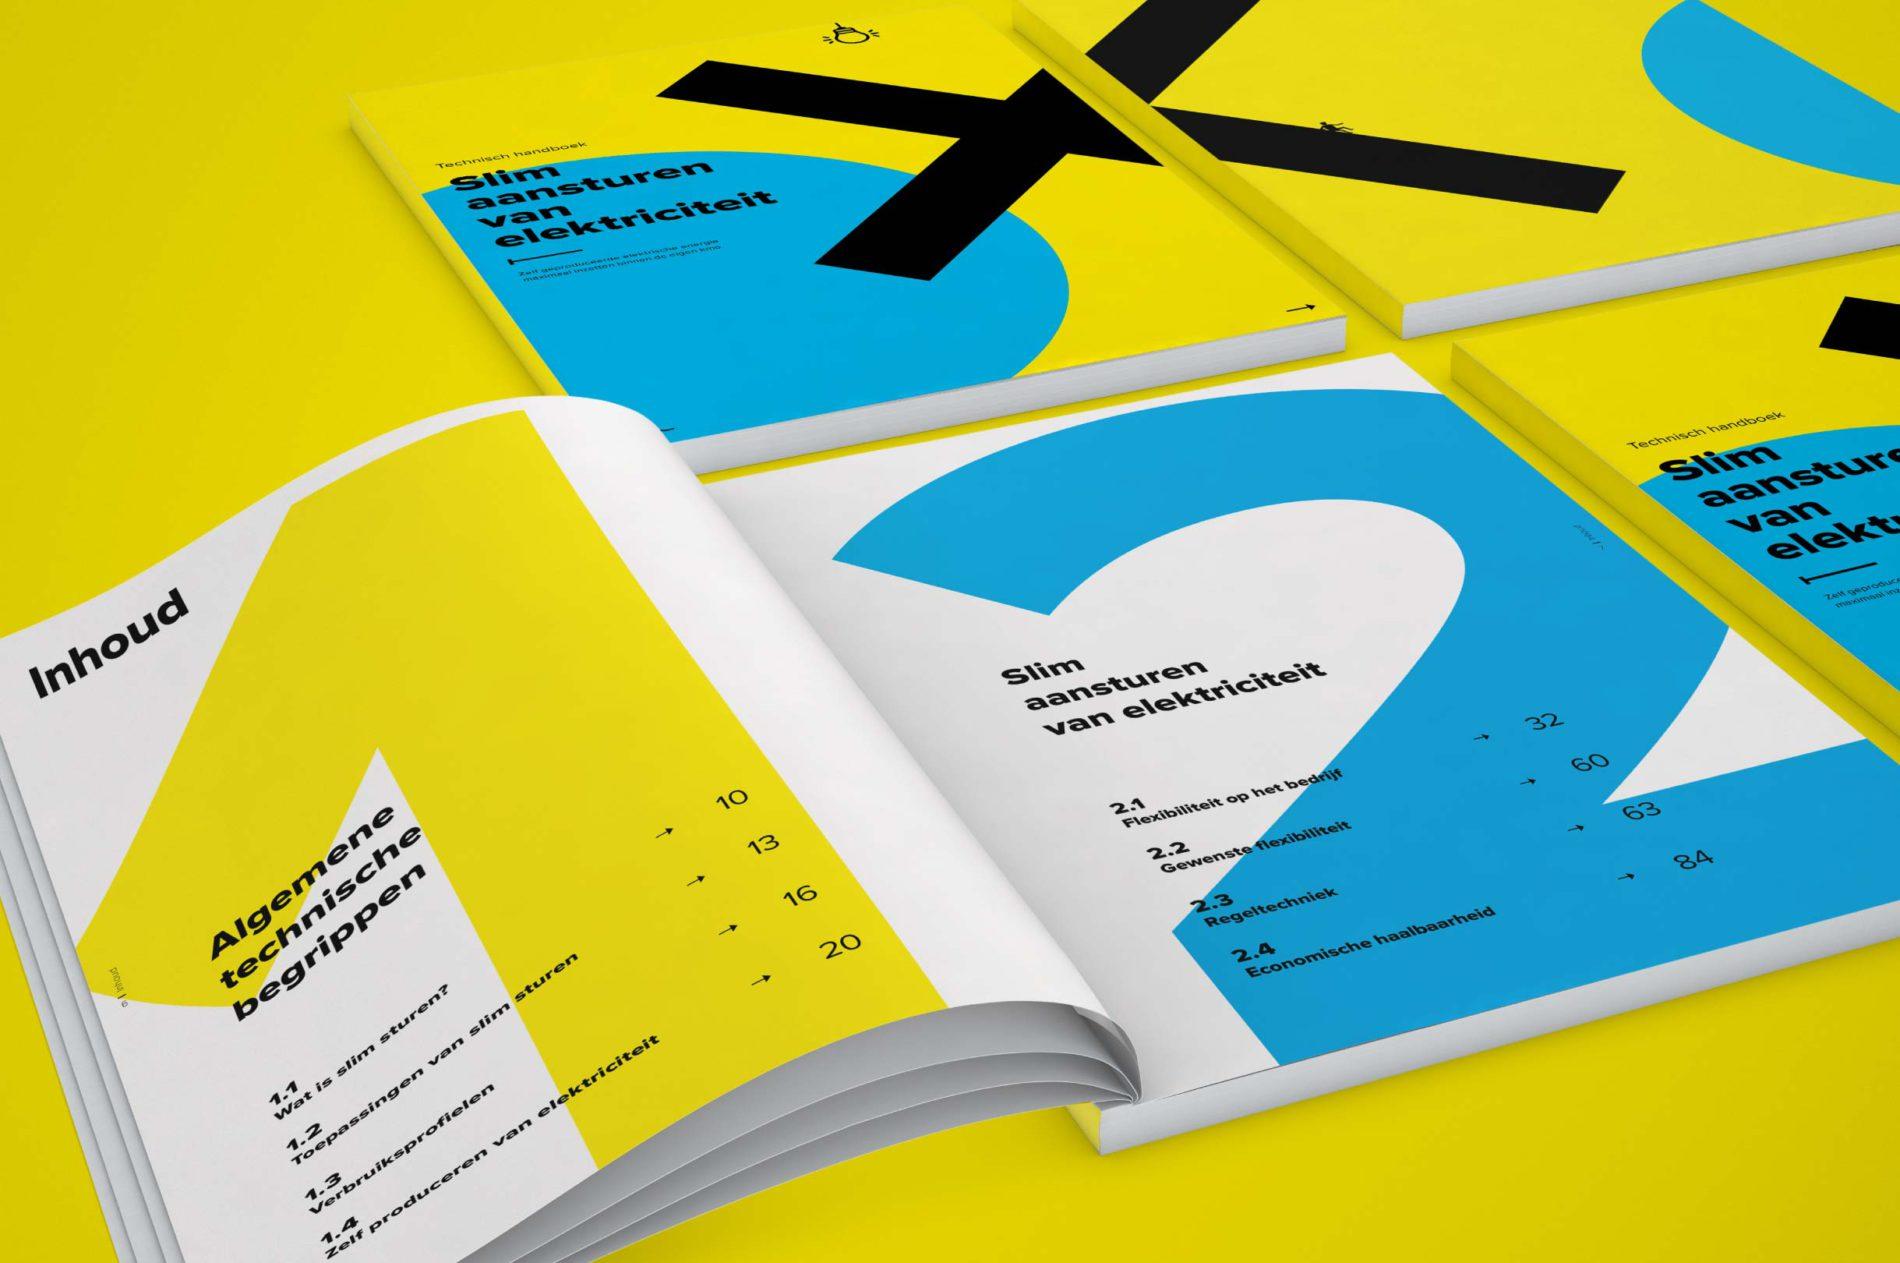 De cover en de inhoudsopgave van het handboek